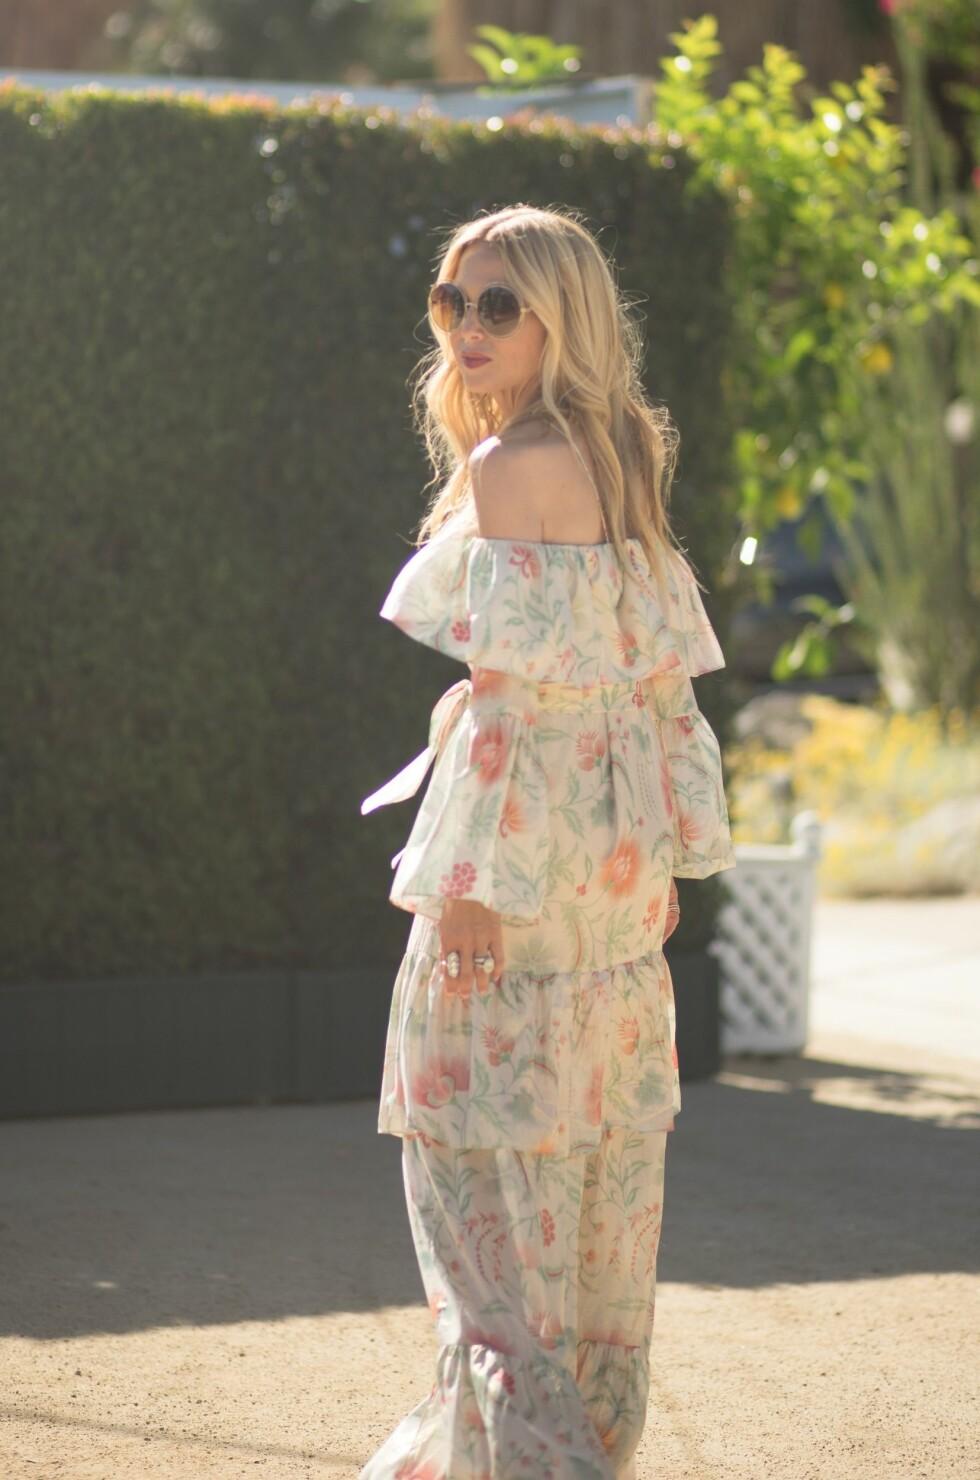 Rachel Zoe Foto: Shutterstock